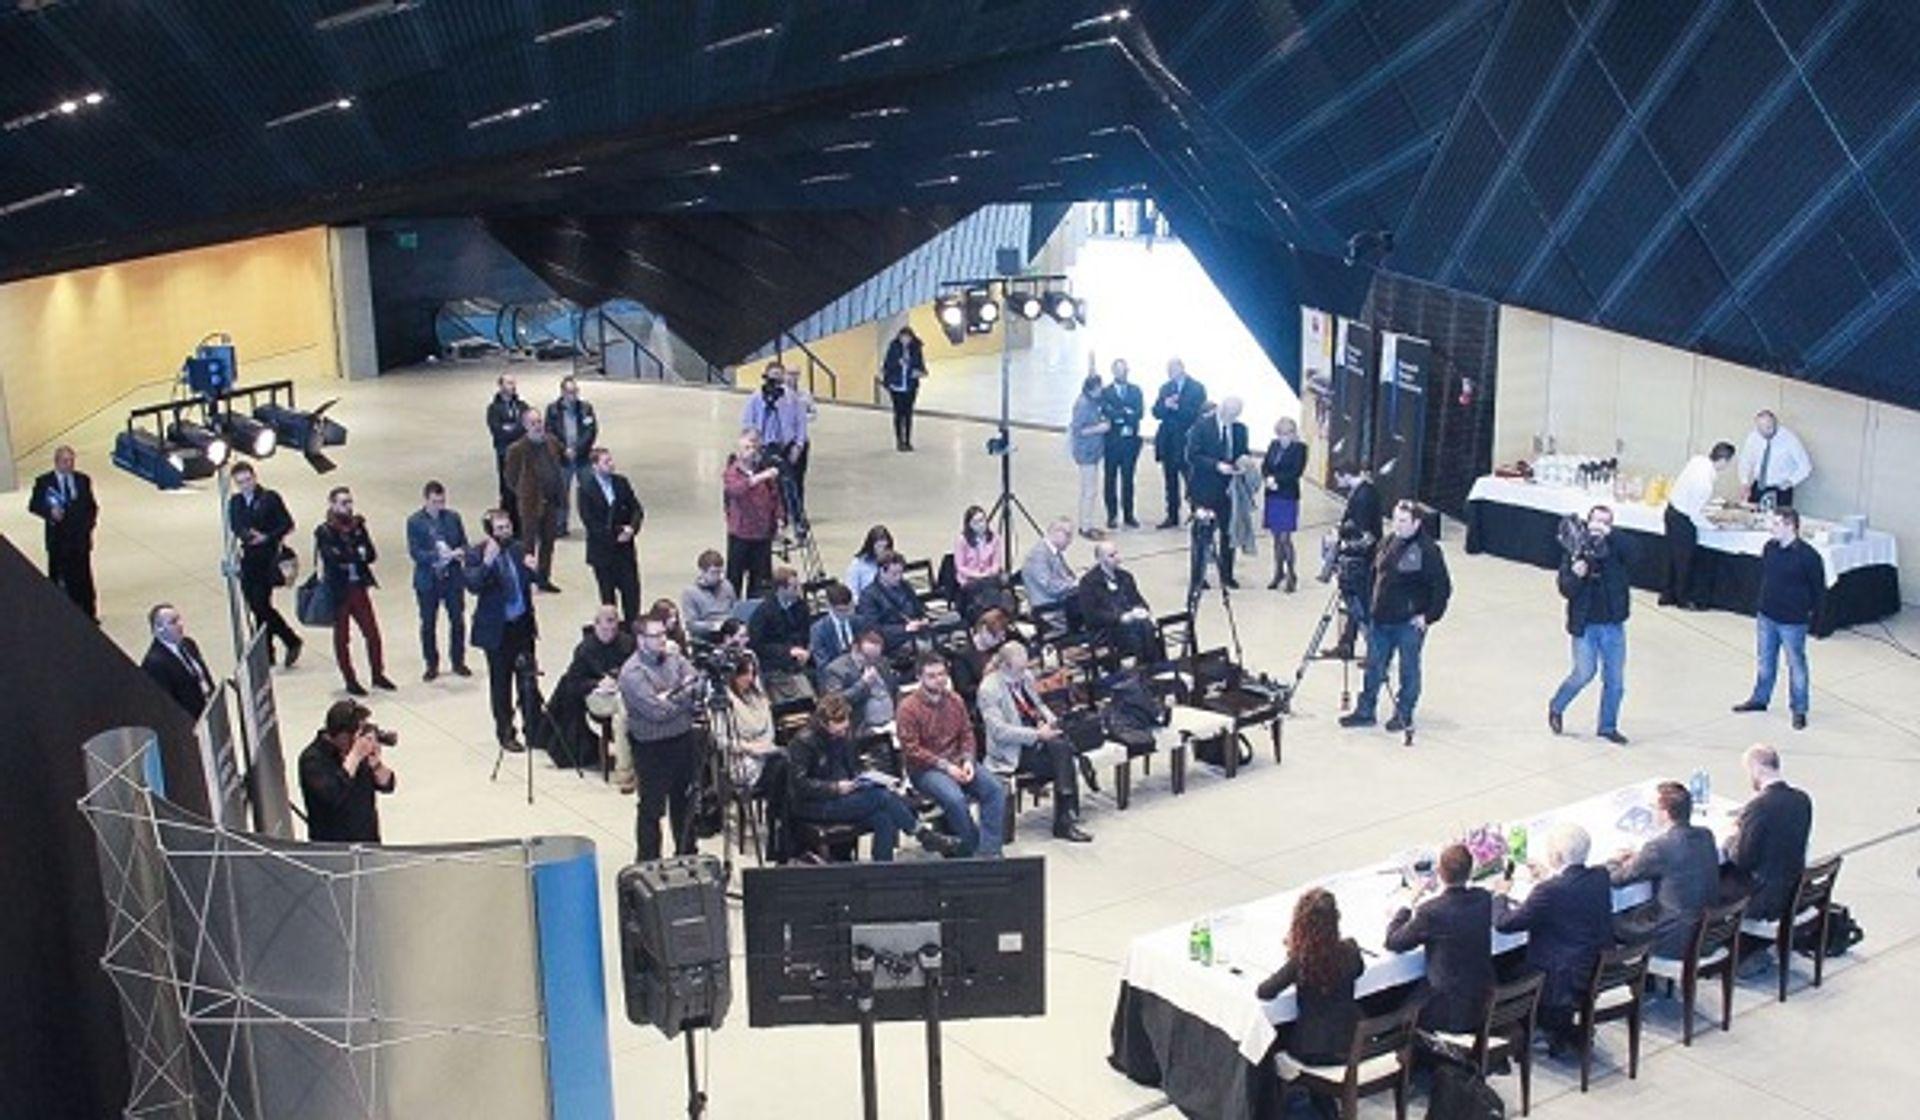 [Katowice] VII Europejski Kongres Gospodarczy w Katowicach już za miesiąc